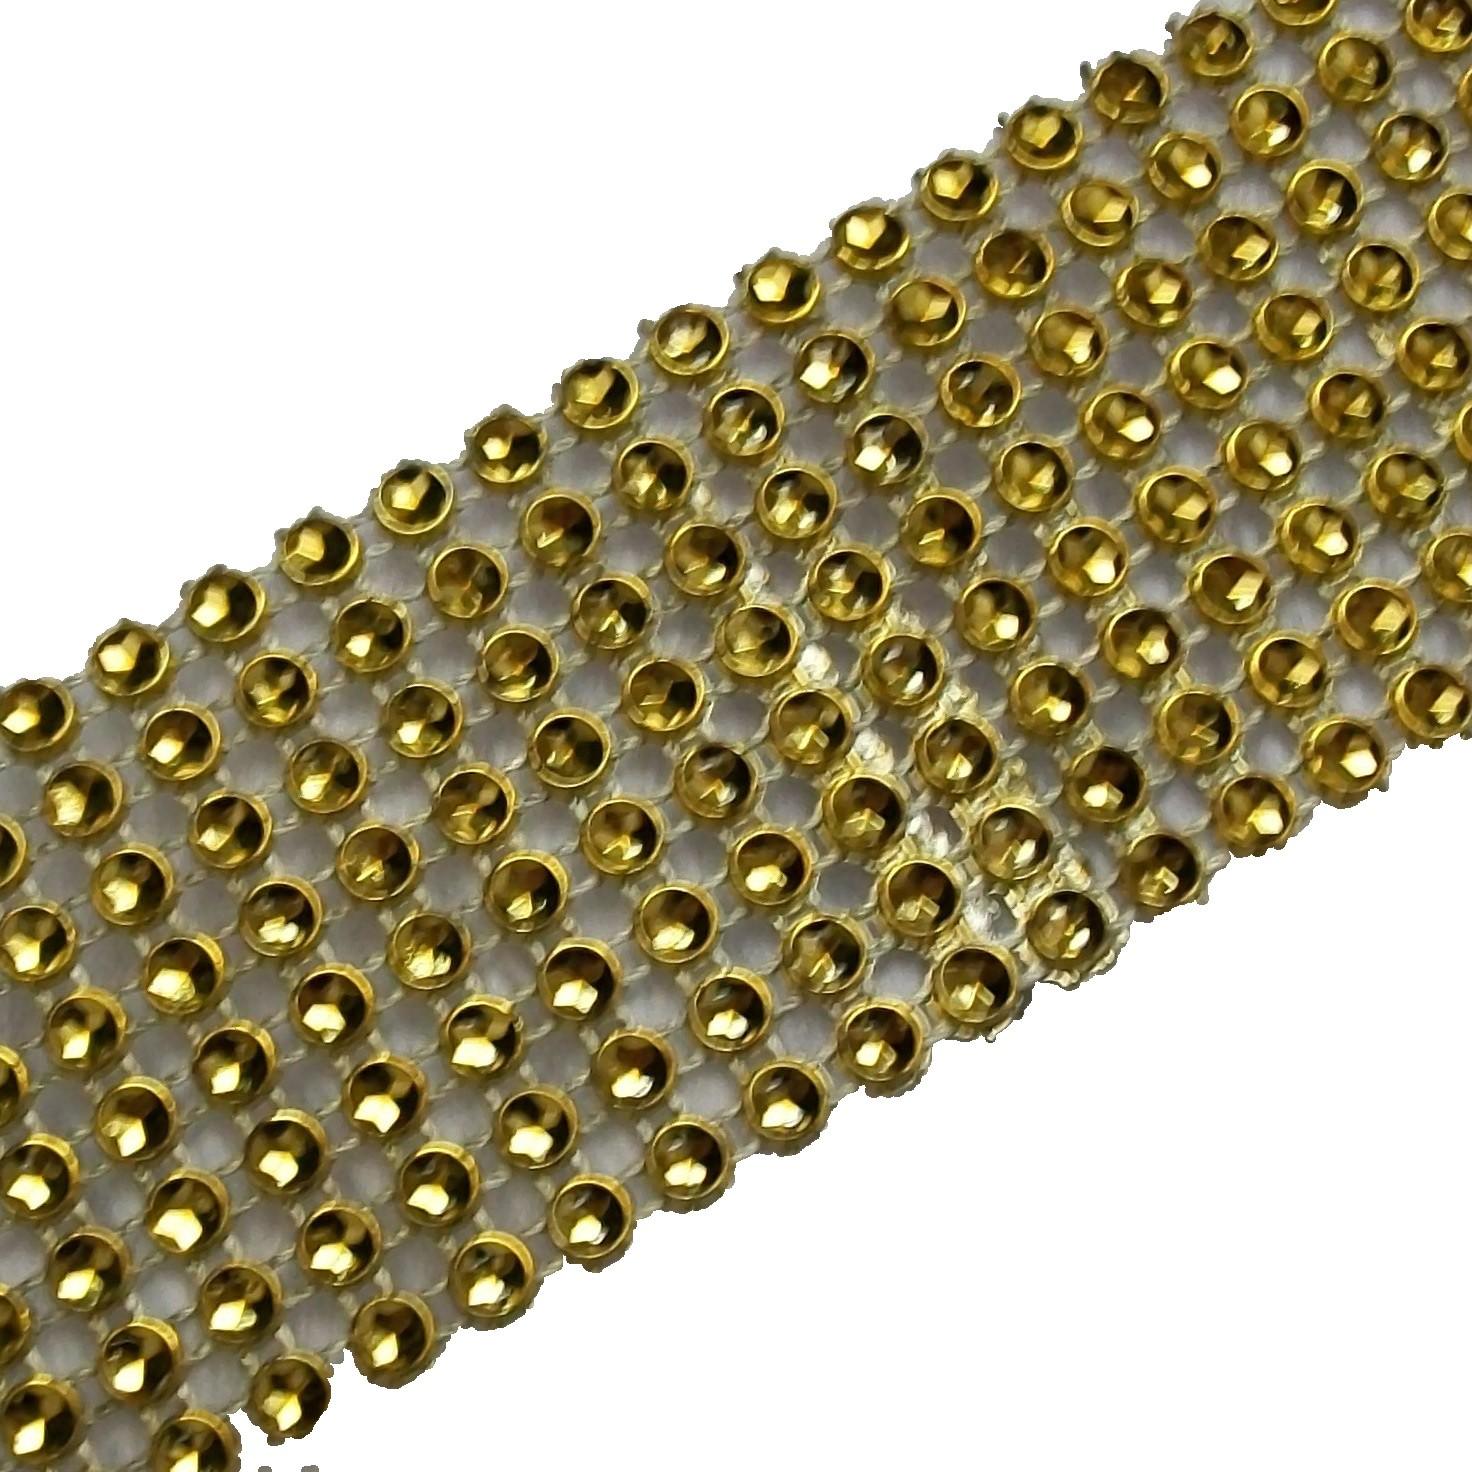 8 Row Diamante Trim 3.8cm Wide Gold 2 metre length